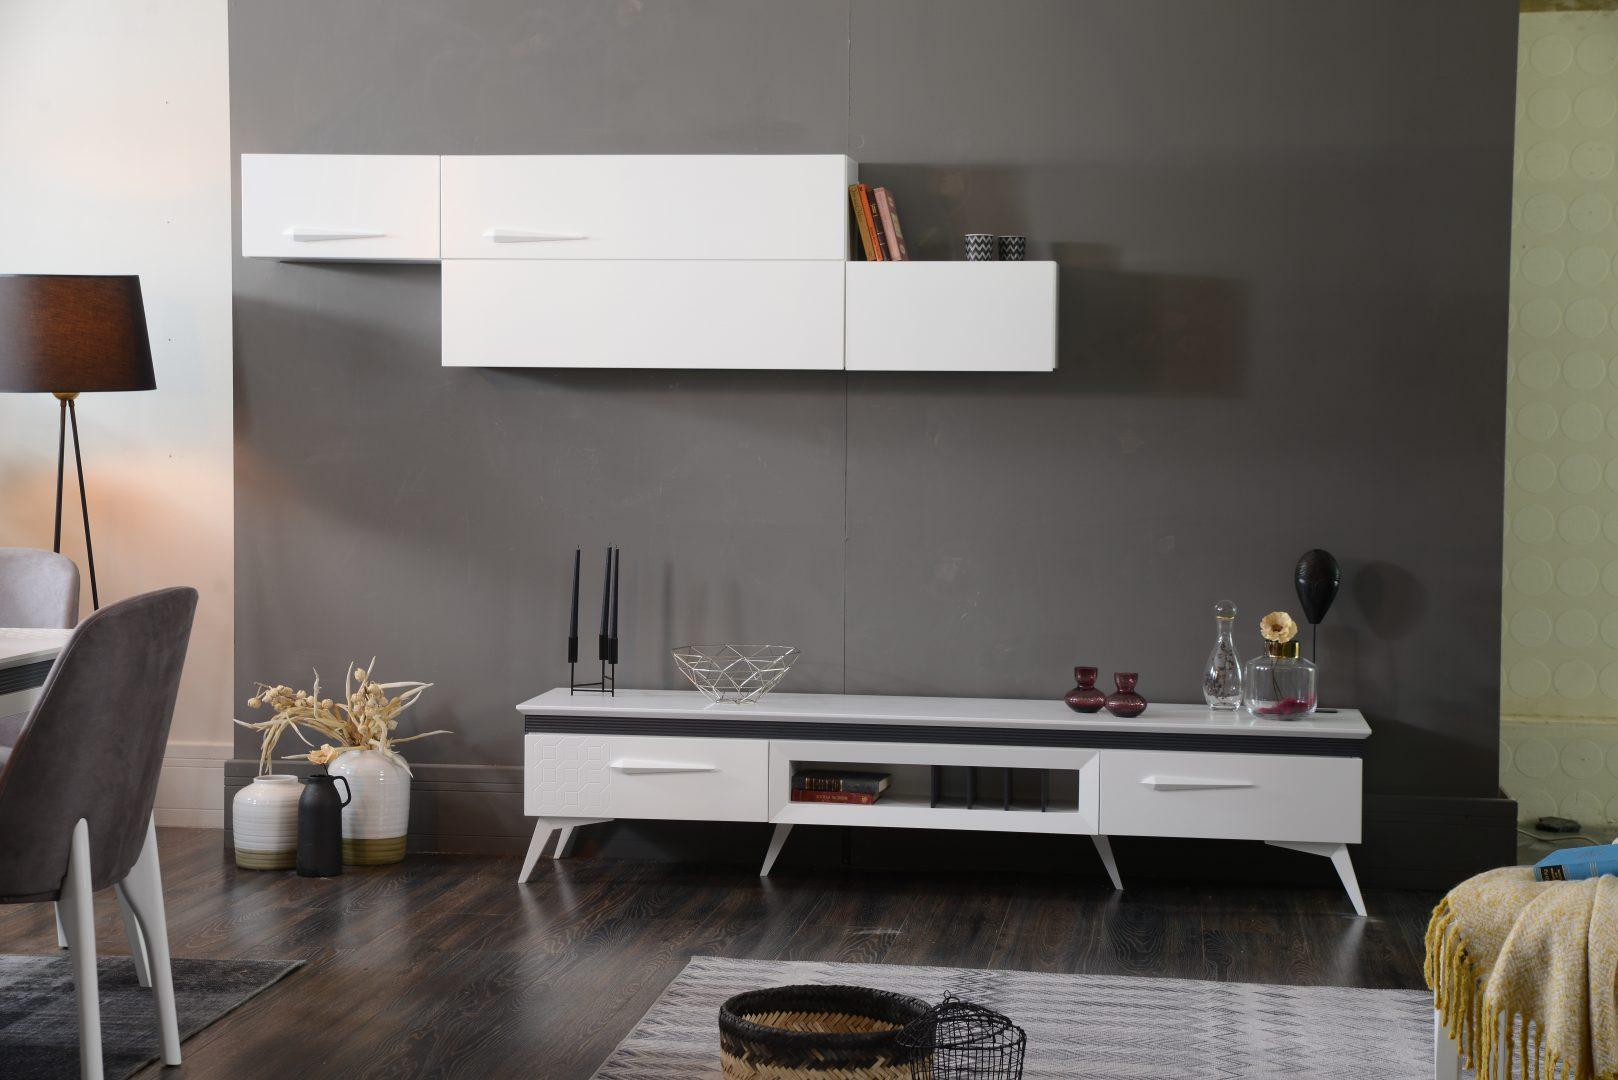 Vigo yemek odas tak m hevin mobilya for Mobilya caserta